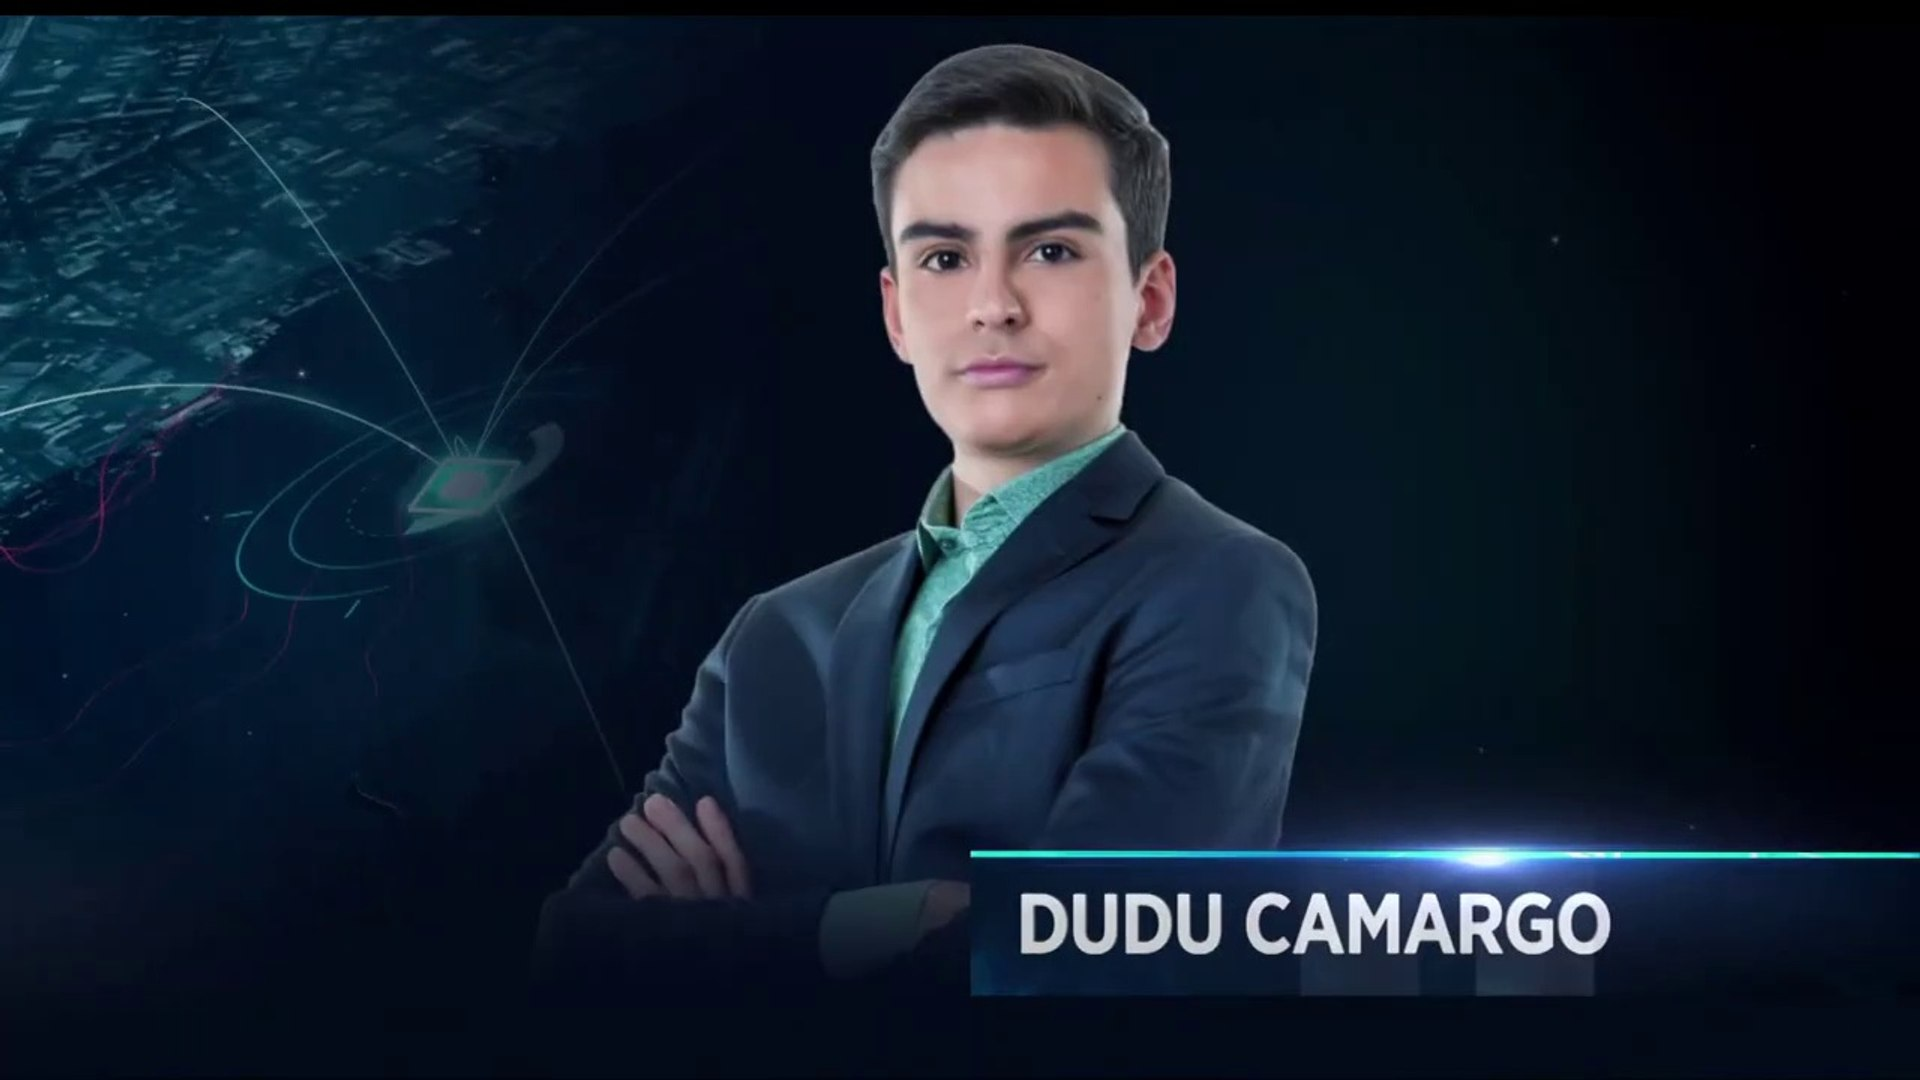 Chamada Institucional (V1) Primeiro Impacto - com Dudu Camargo e Marcão do Povo | SBT 2019